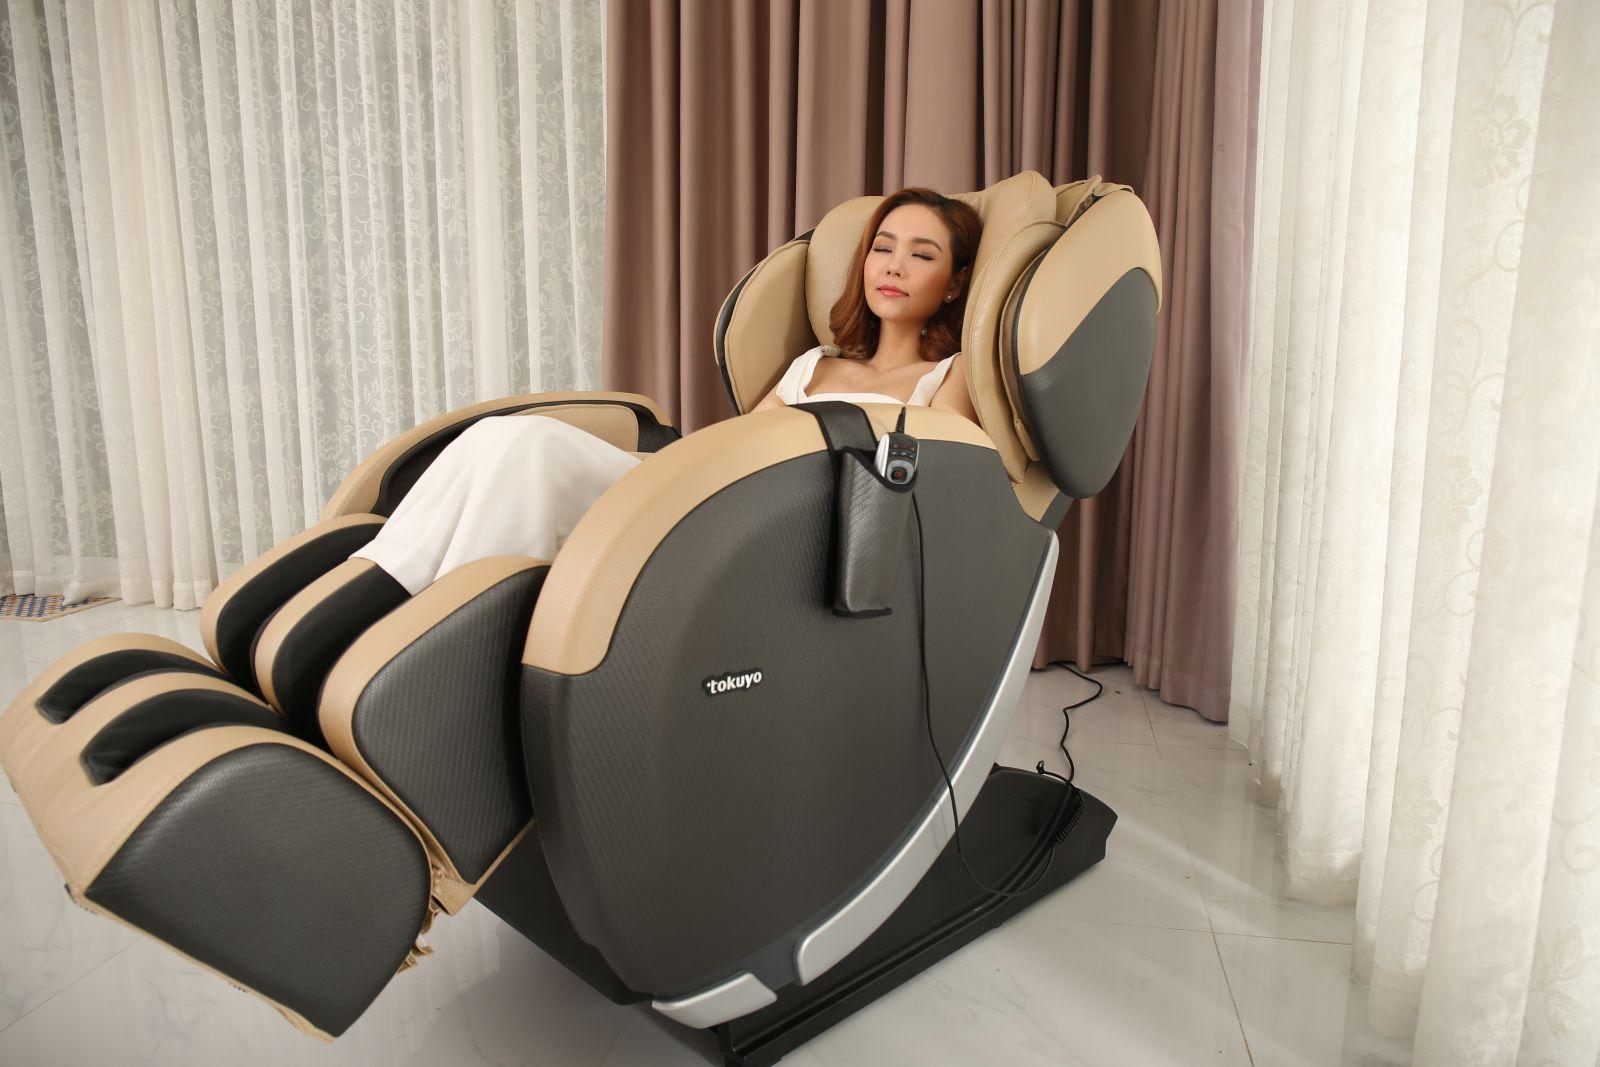 Ghế massage Made in Japan JC3680 - Hoàn hảo trên từng đường nét - Nhập Khẩu Và Sản Xuất 100% tại Nhật